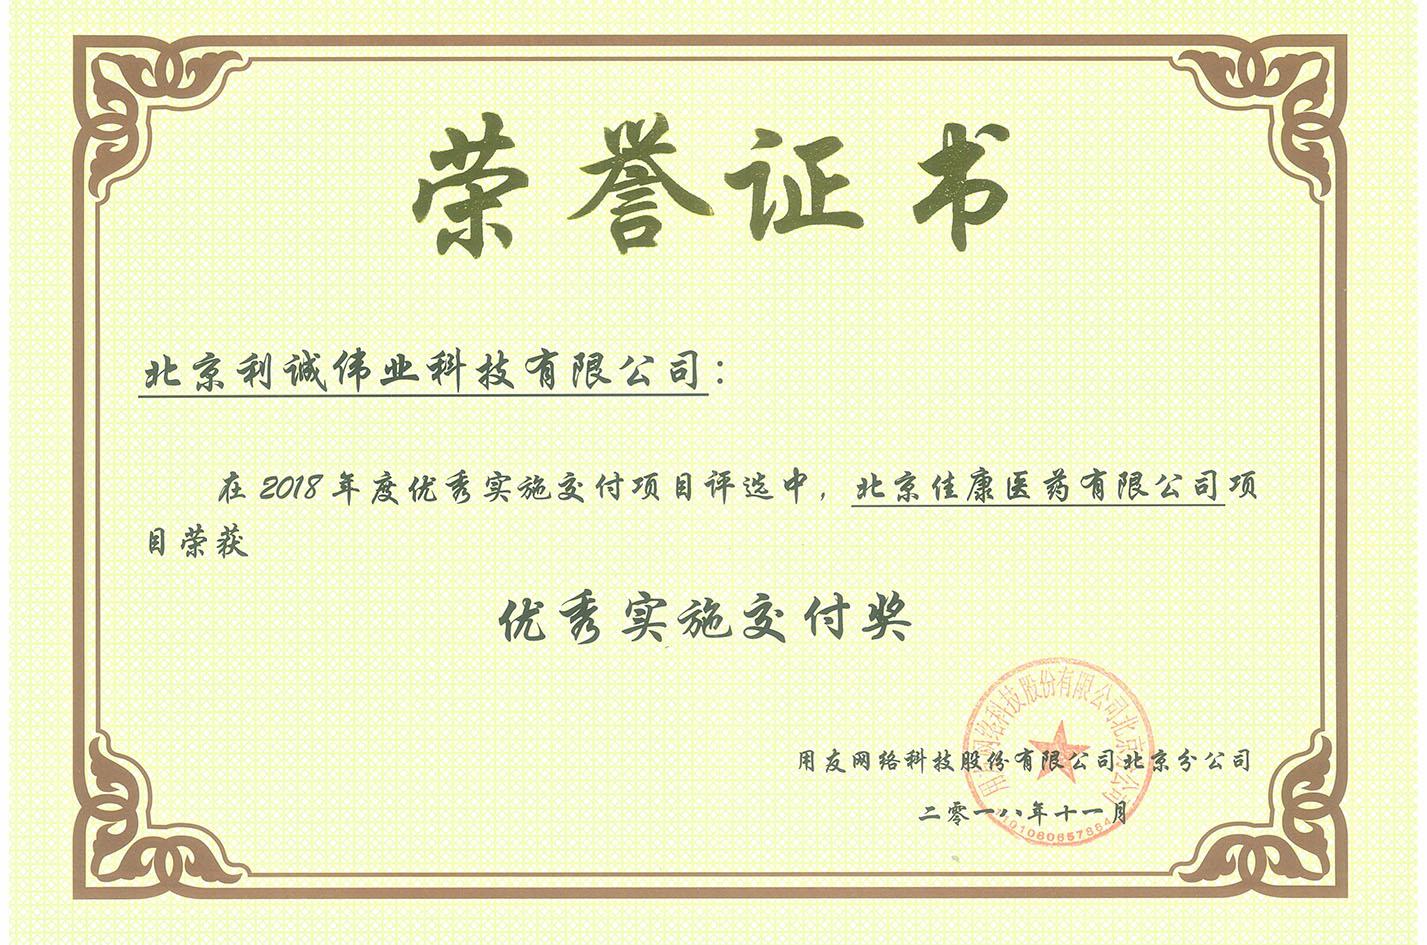 荣获北京佳康医药有限公司项目优秀实施交付奖